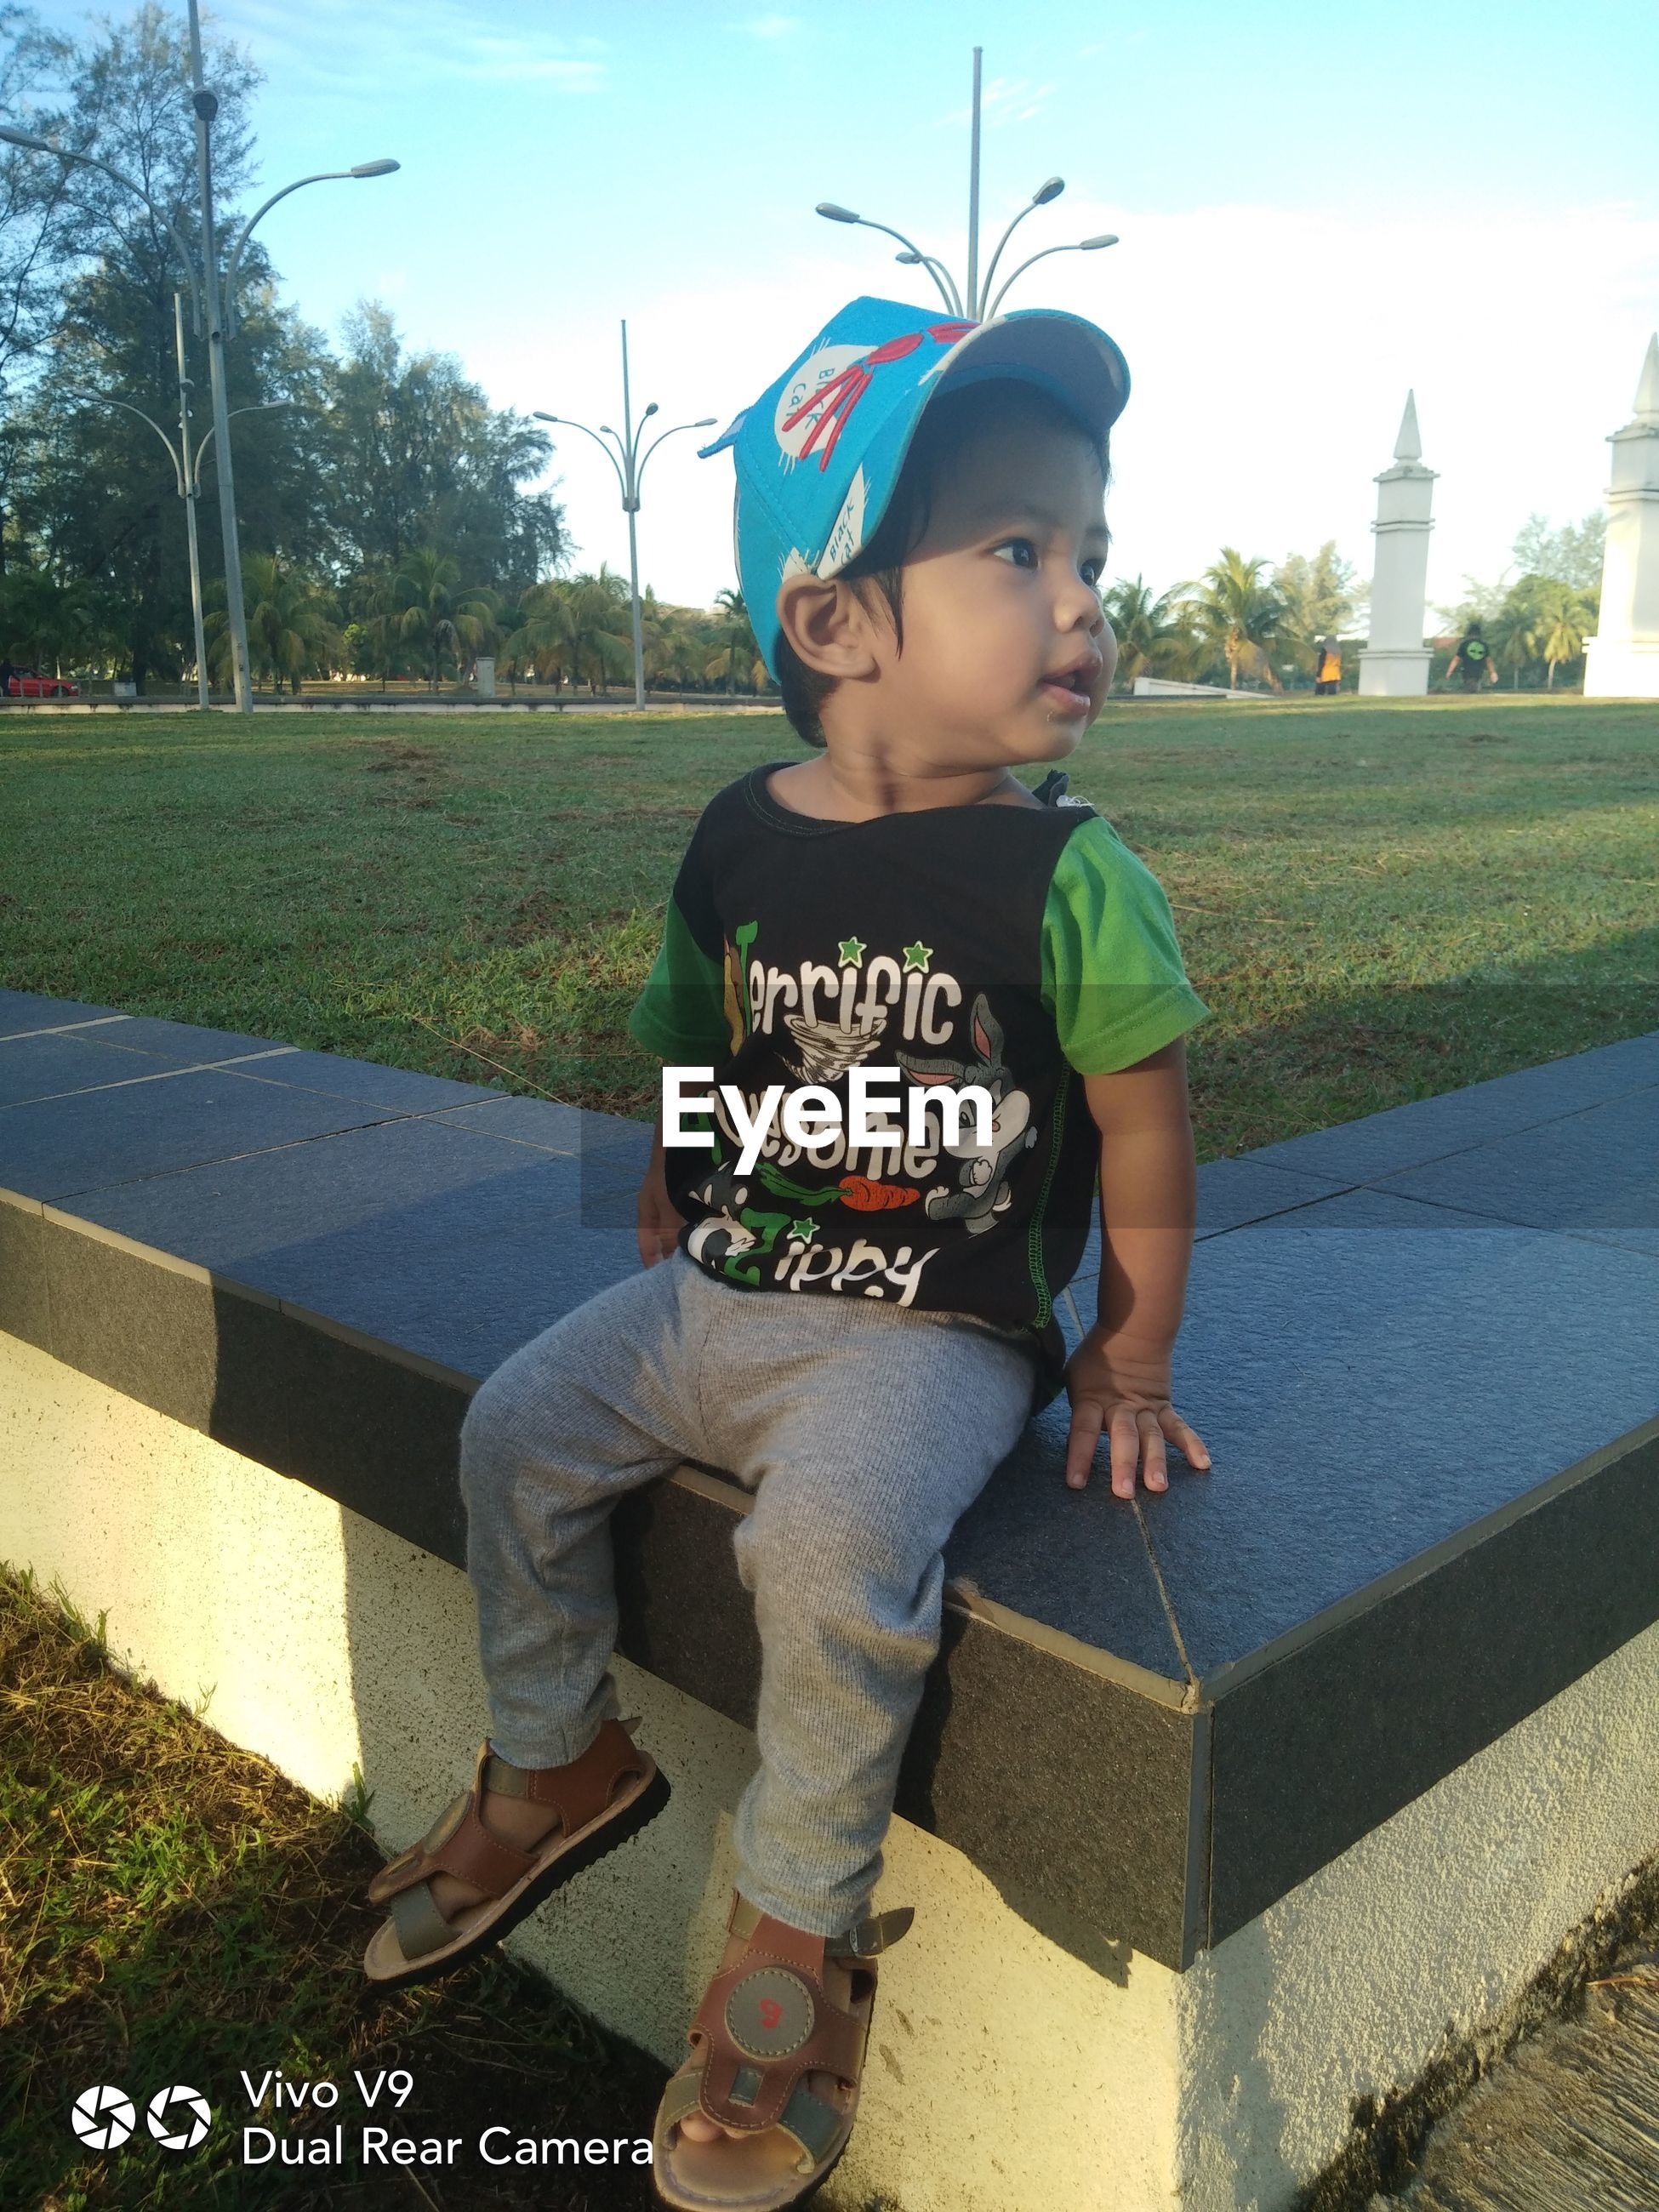 BOY SITTING ON A PARK